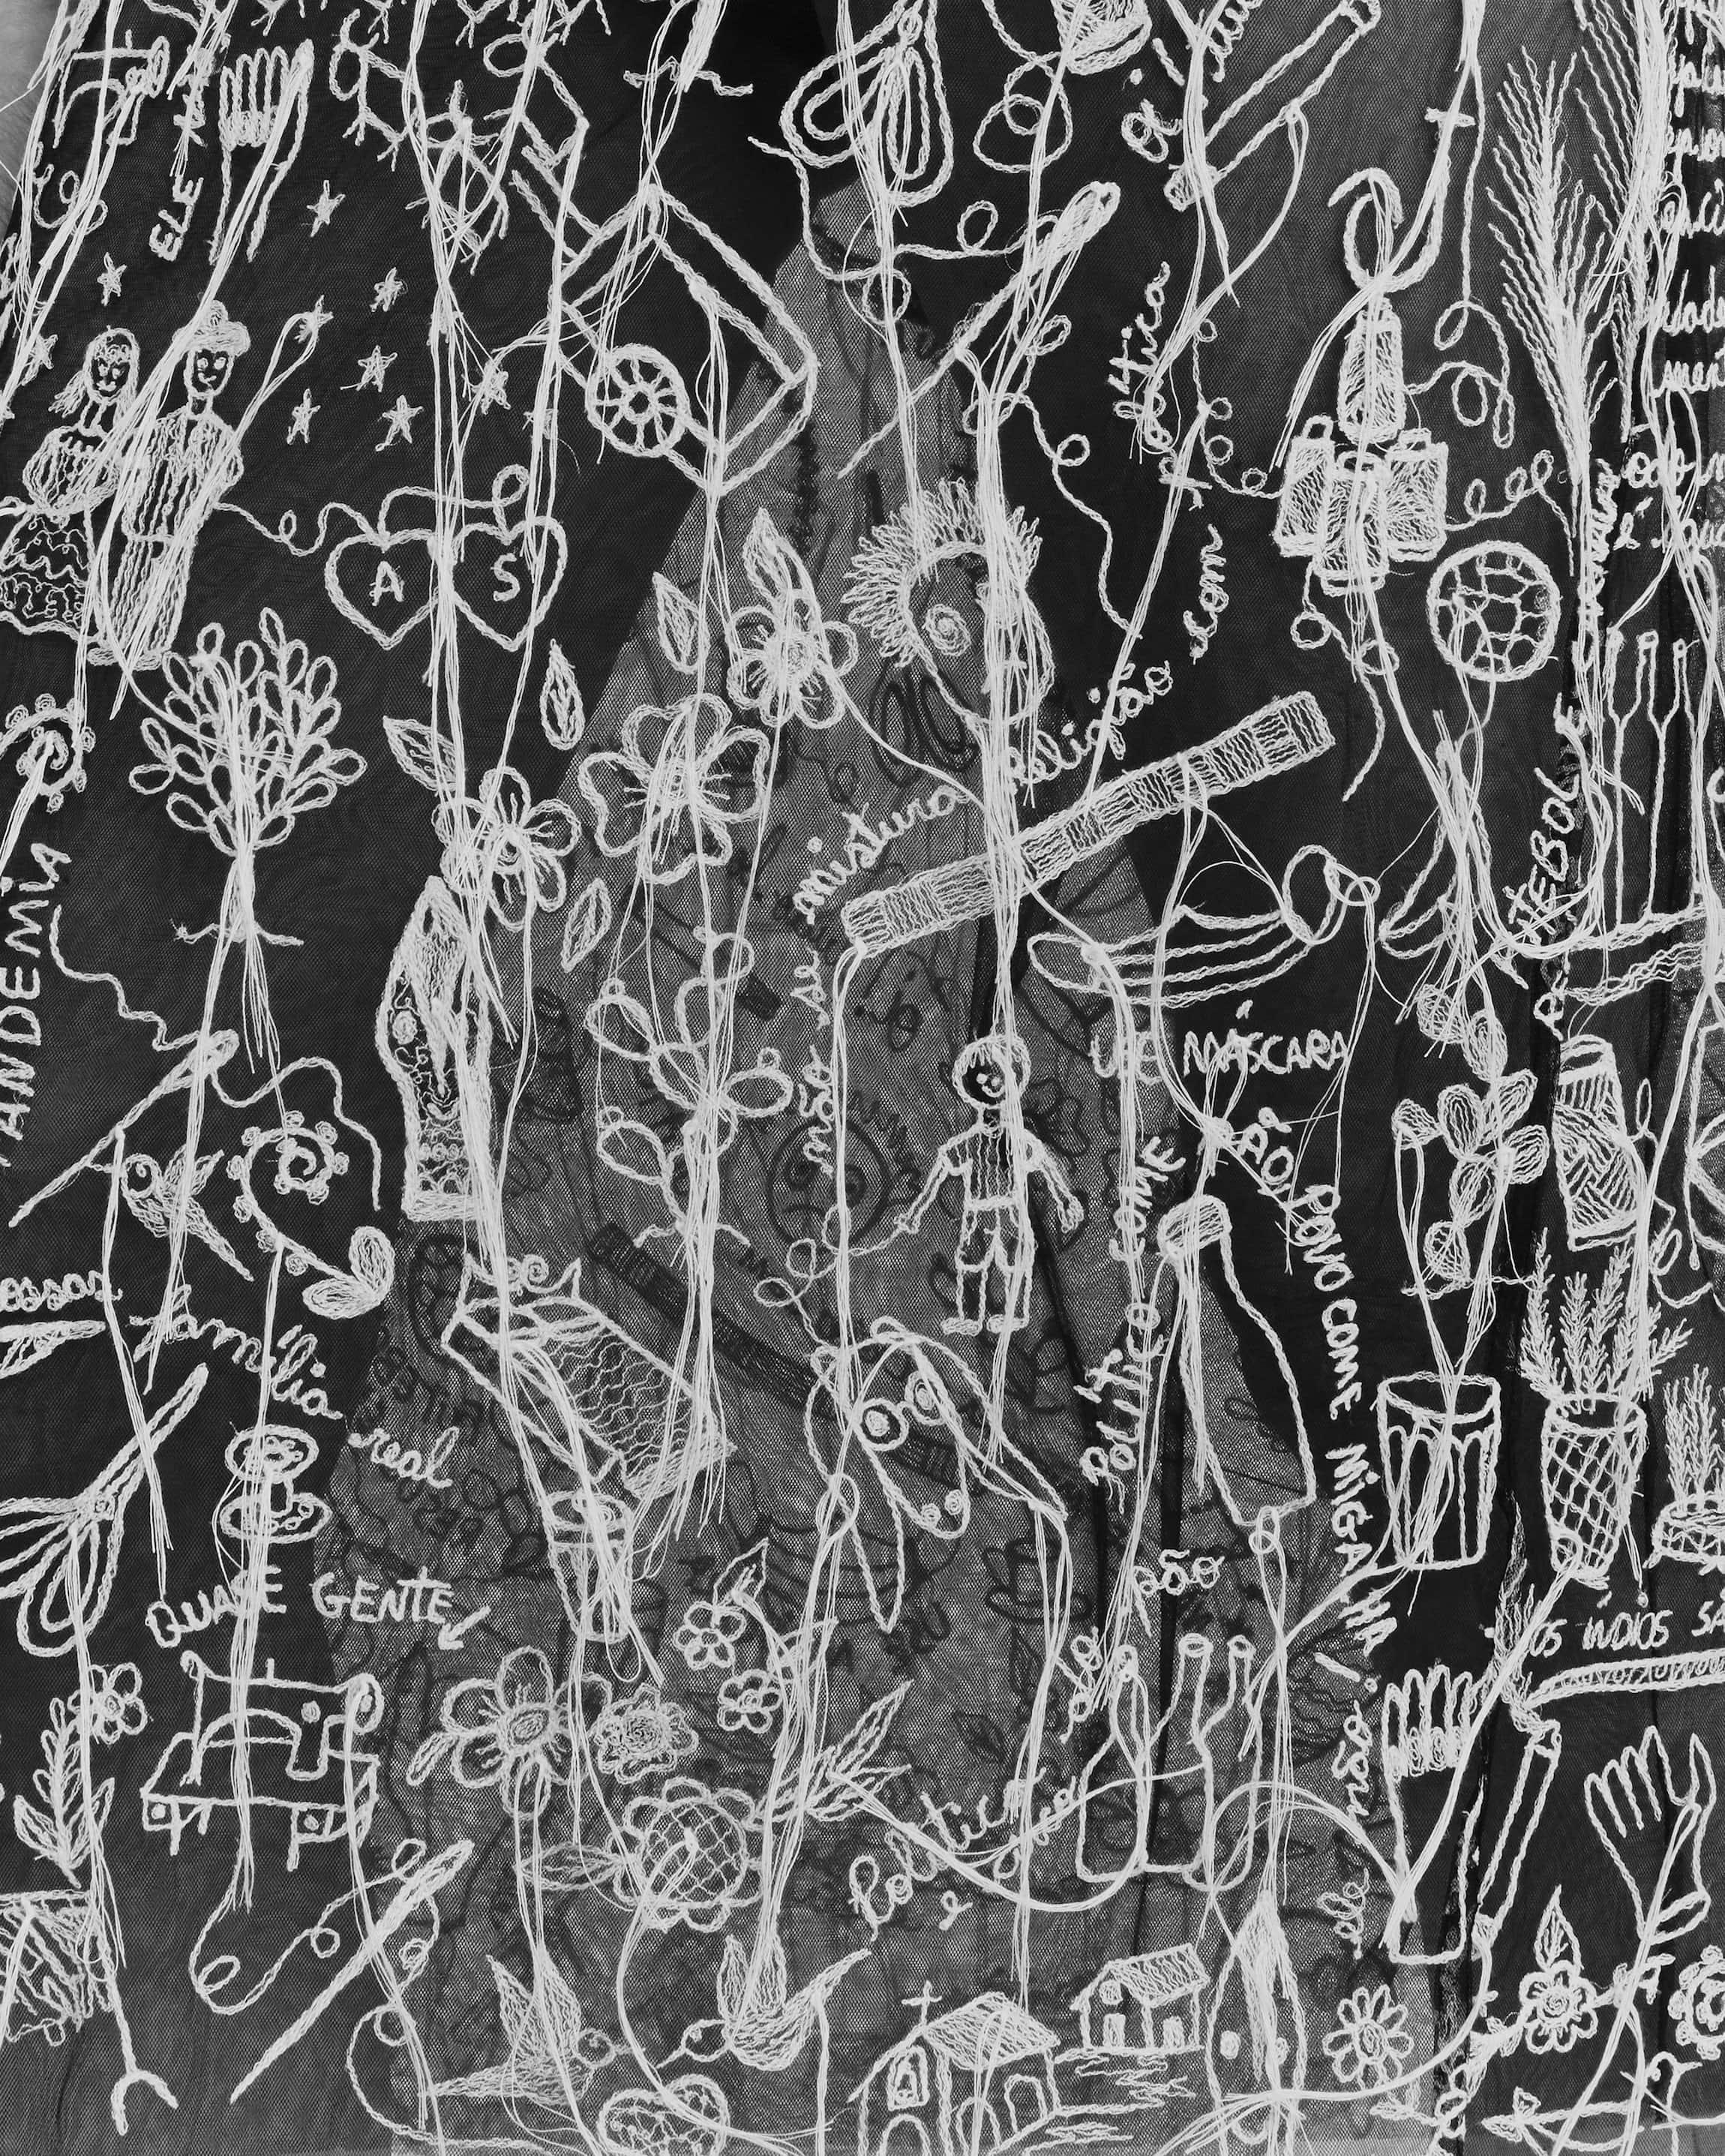 Bordado feito por artesãs do Vale do Jequitinhonha, Minas Gerais, Brasil, para João Maraschin